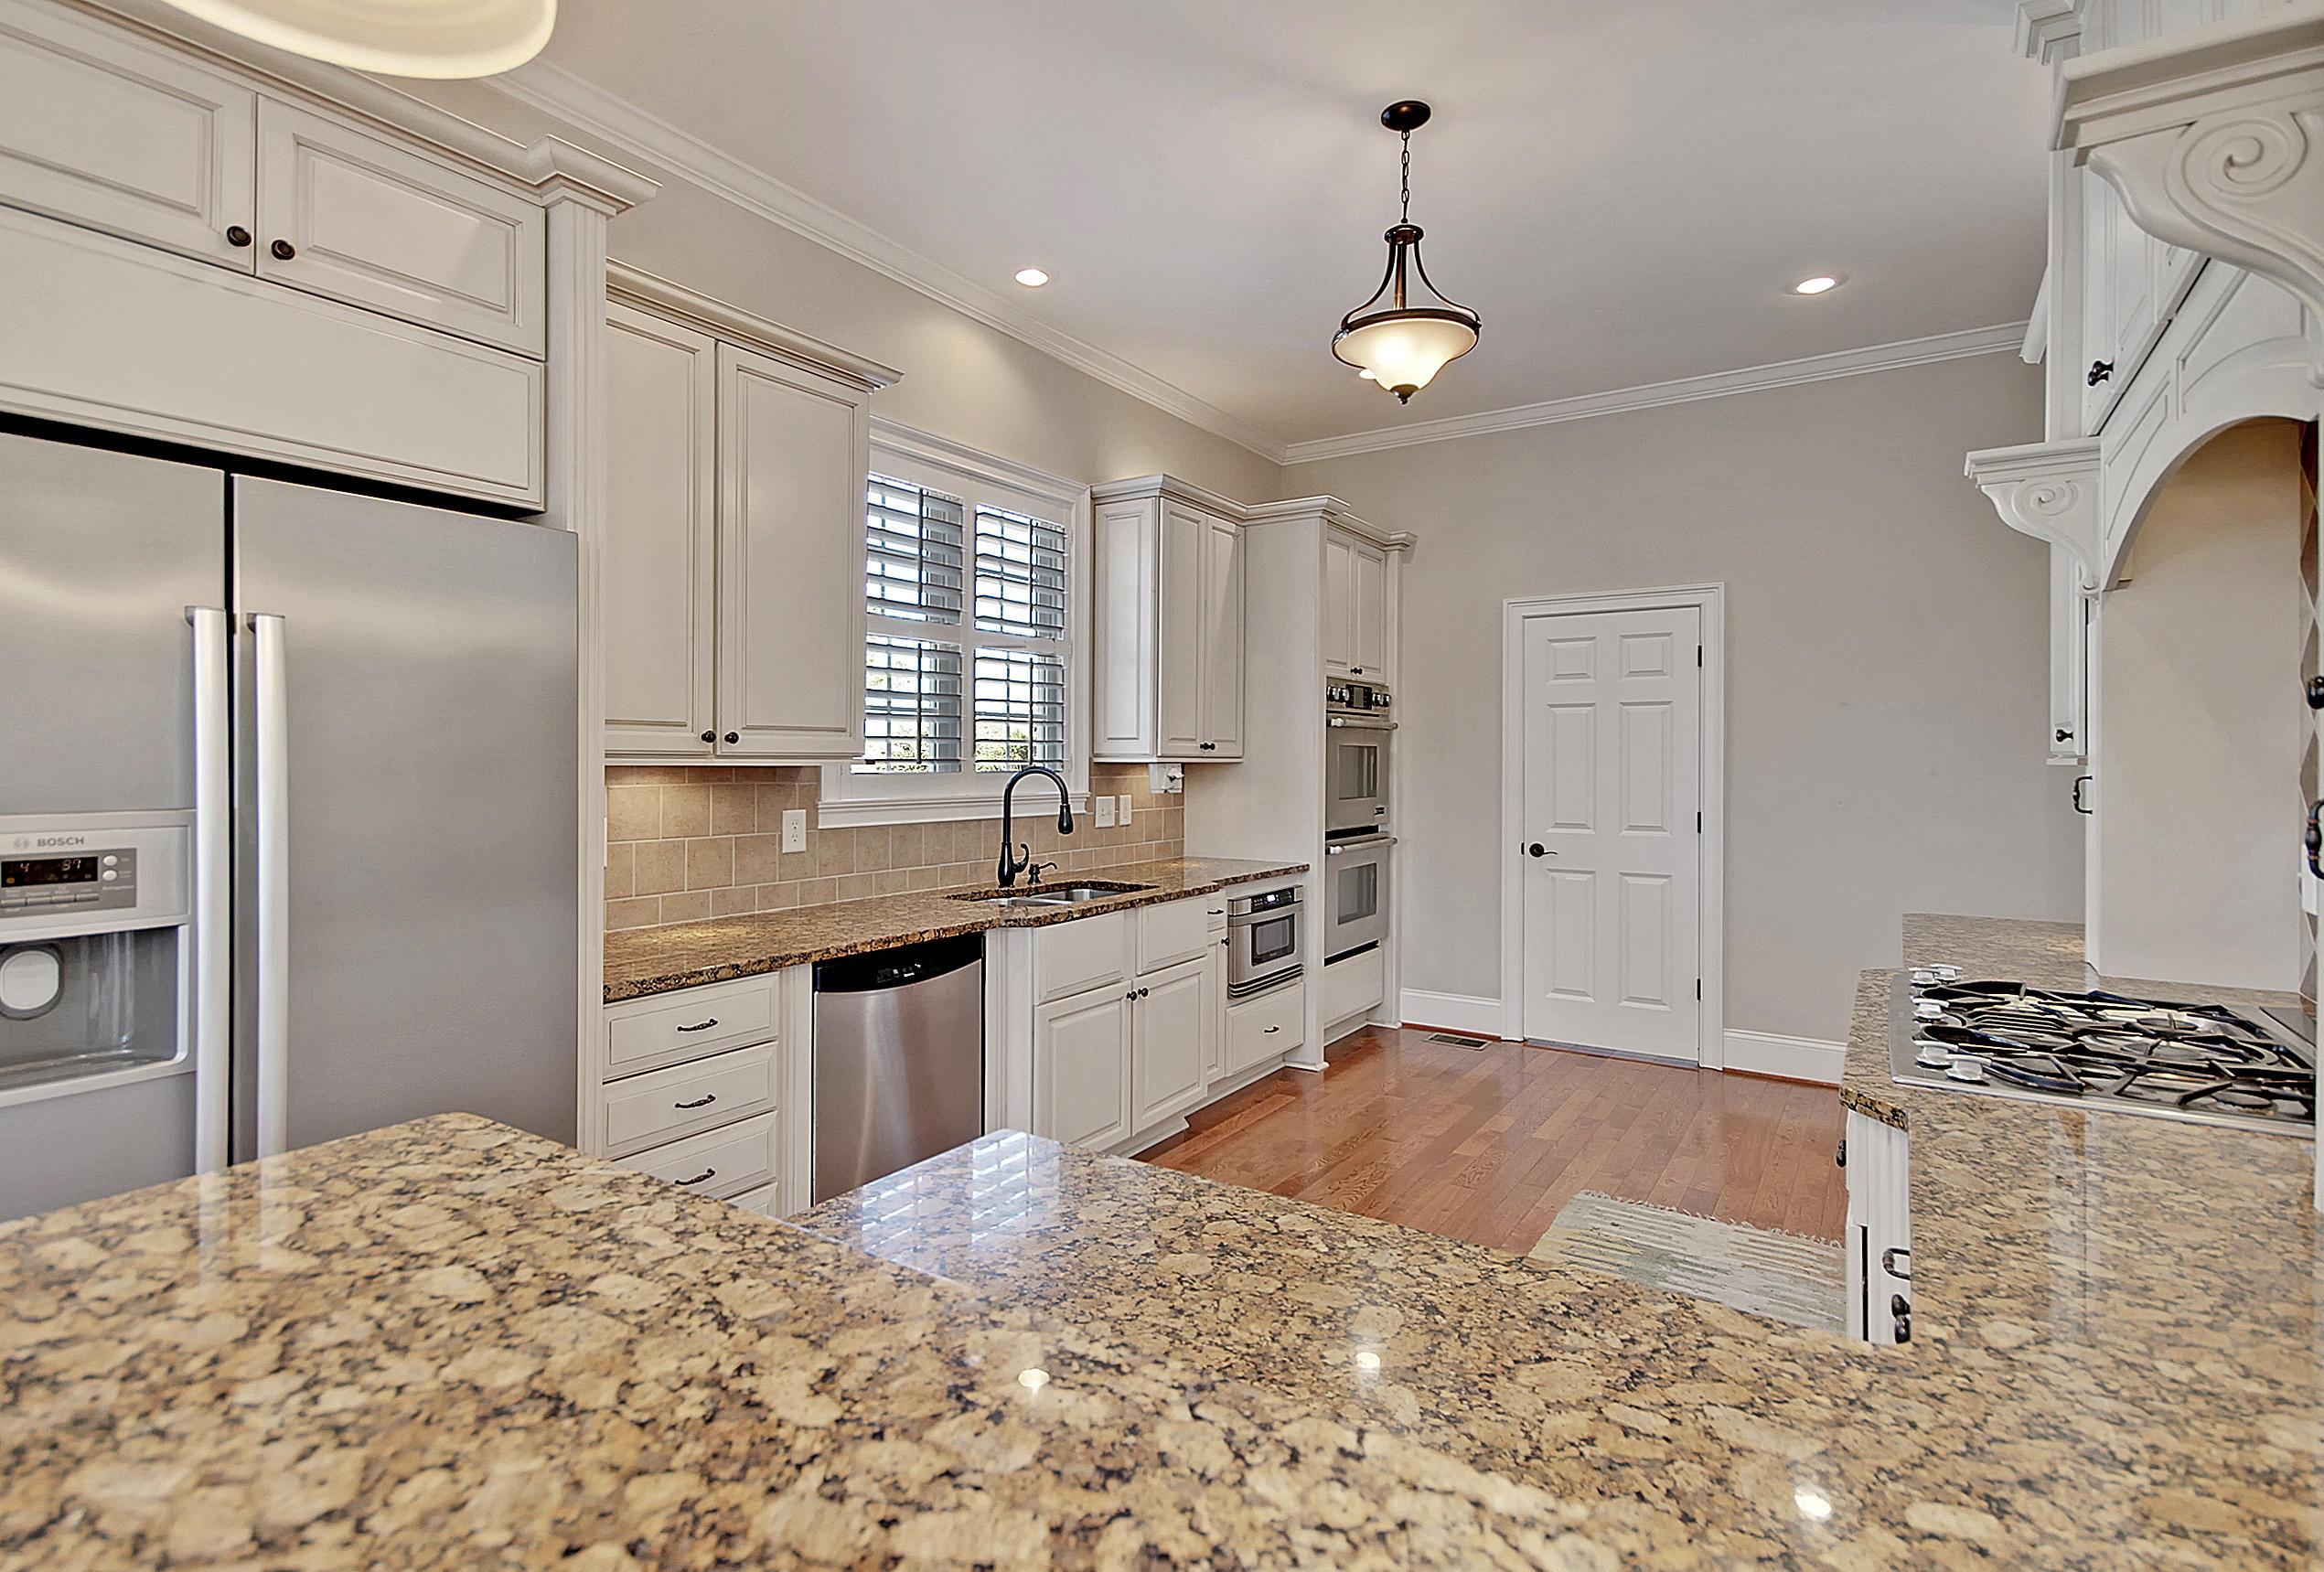 Dunes West Homes For Sale - 2721 Fountainhead, Mount Pleasant, SC - 49